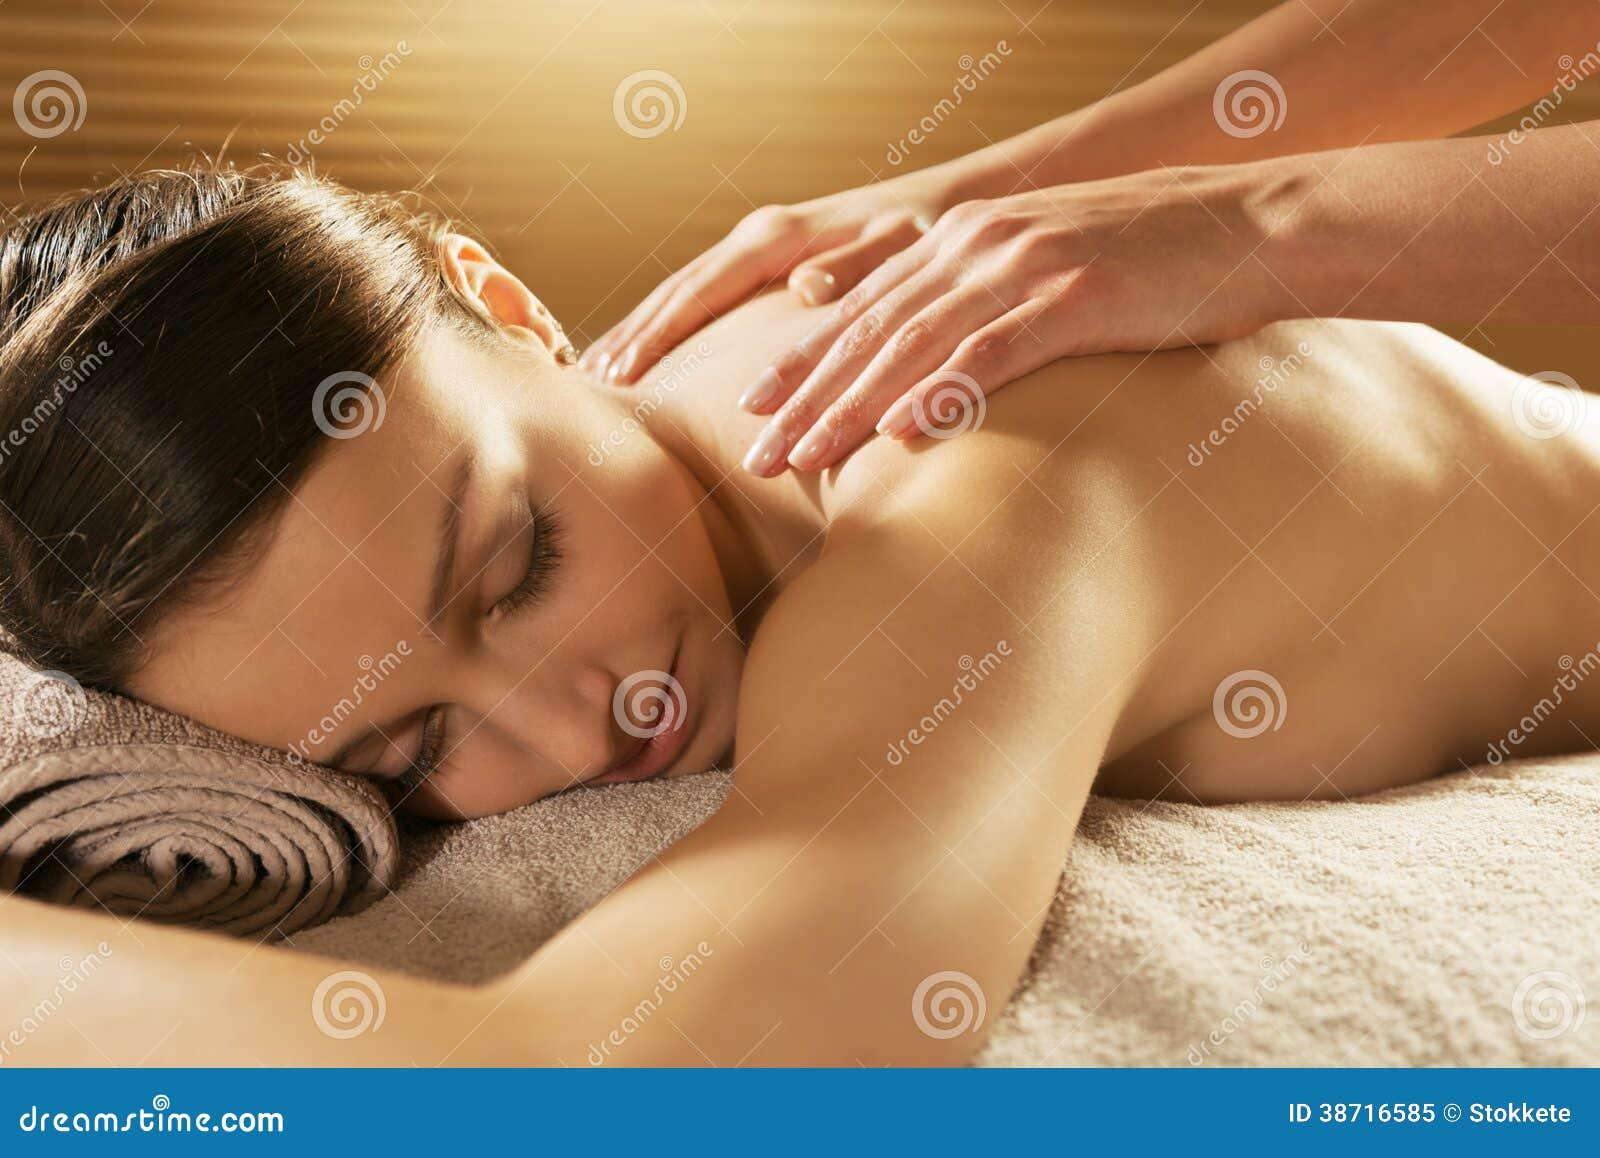 Entspannende Rückenmassage am Badekurort